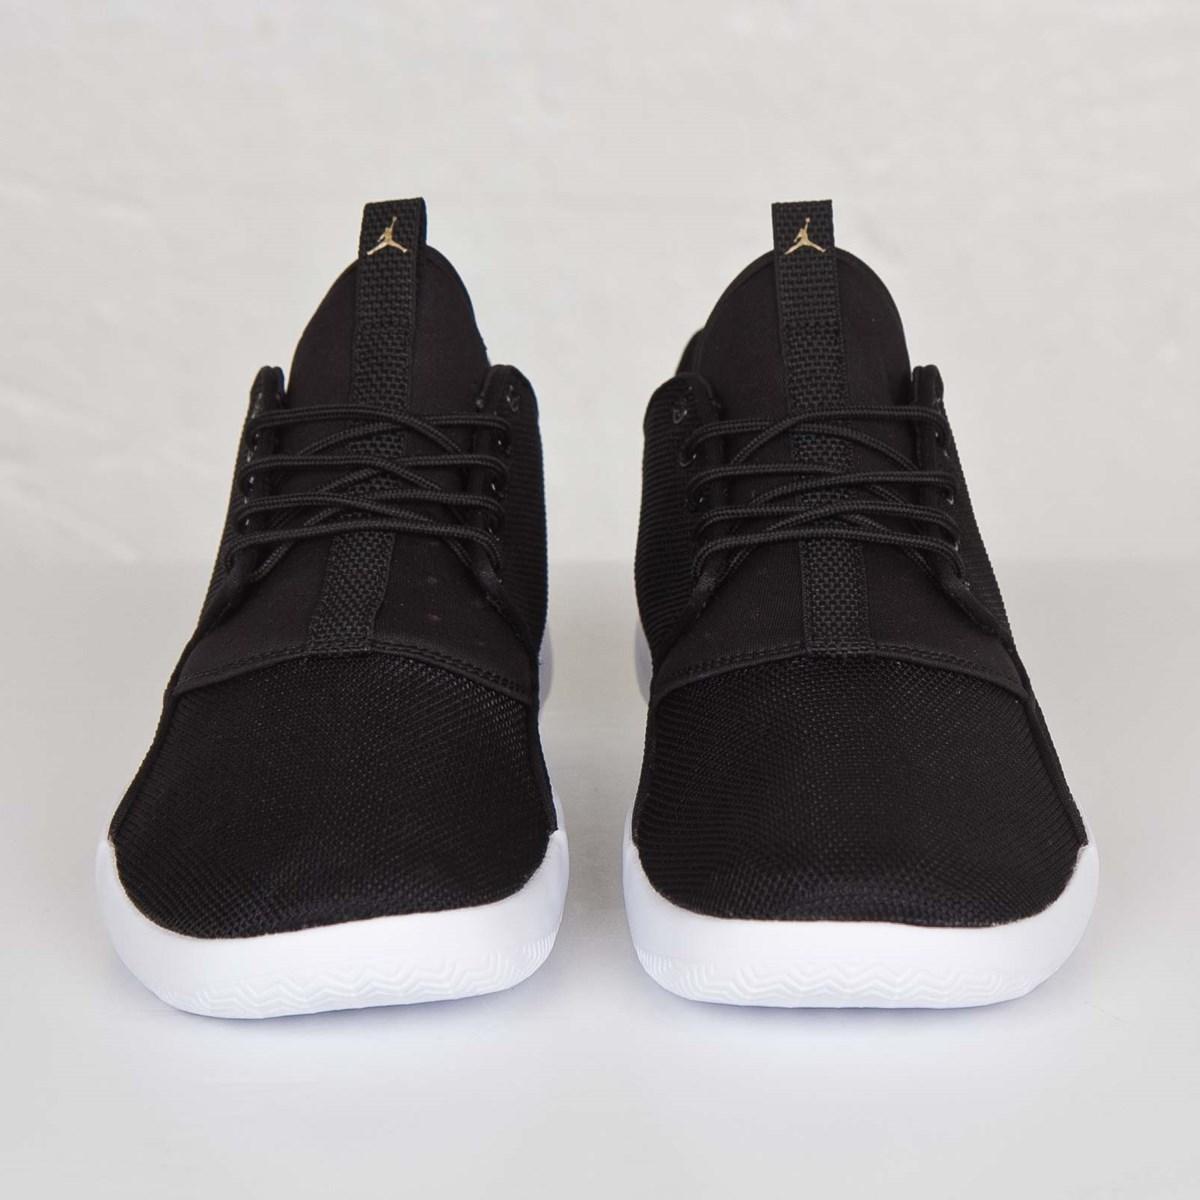 best service 64ccf 7b72f ... jordan brand jordan eclipse 724010 014 sneakersnstuff sneakers  streetwear online since 1999